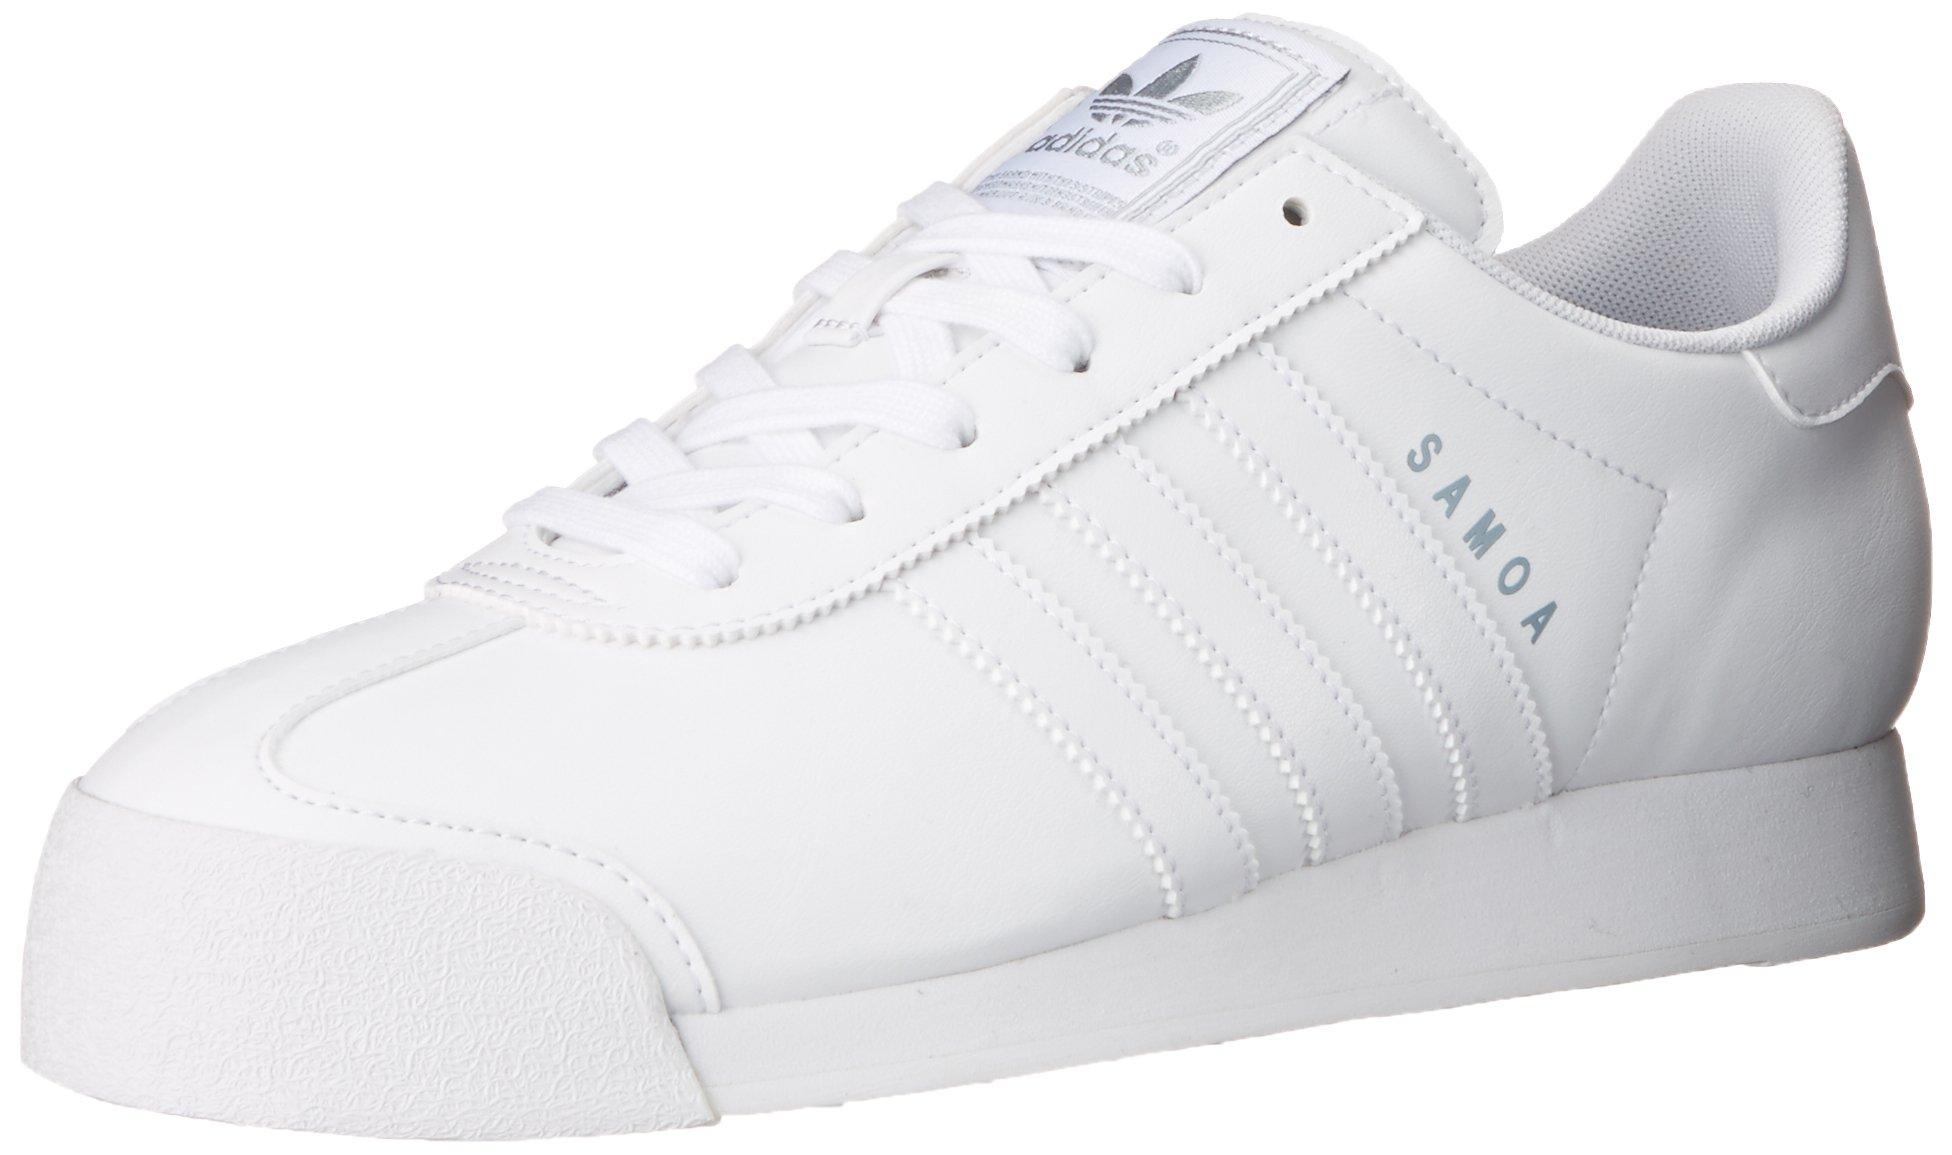 online store 53cf2 d23e5 Galleon - Adidas Originals Women s Samoa W Sneaker, White Silver, 7 M US